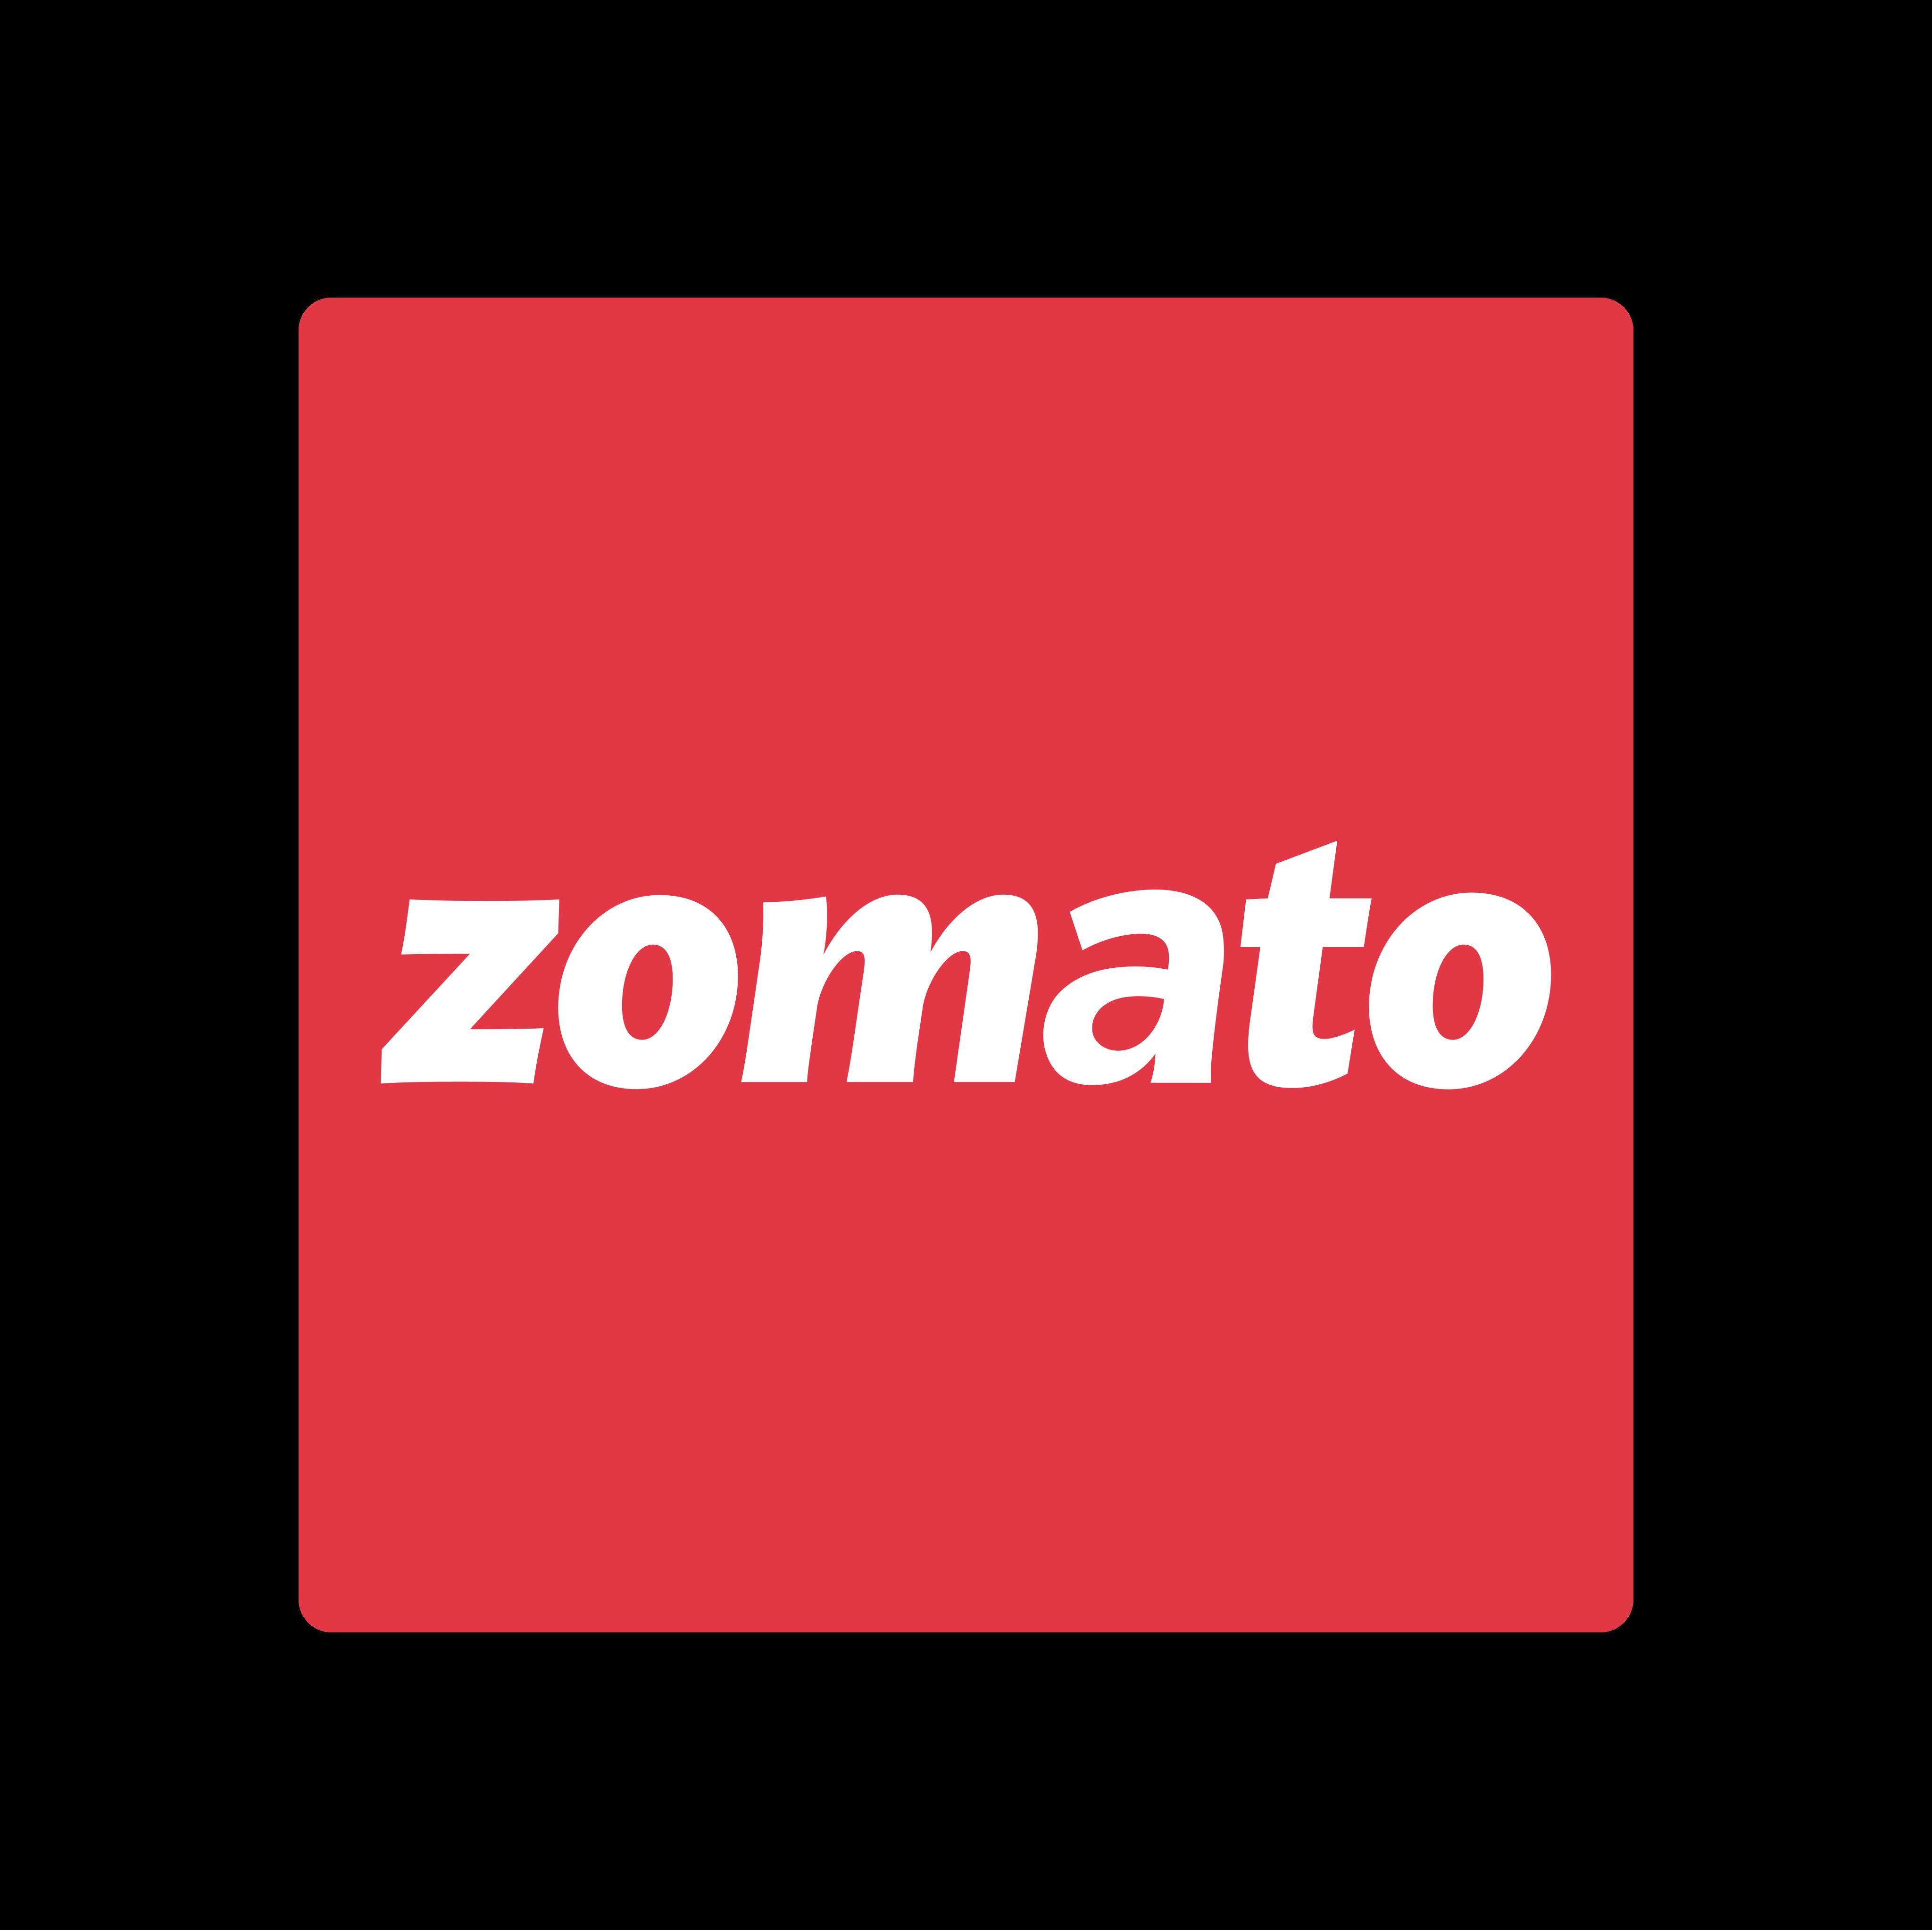 zomato logo 0 - Zomato Logo